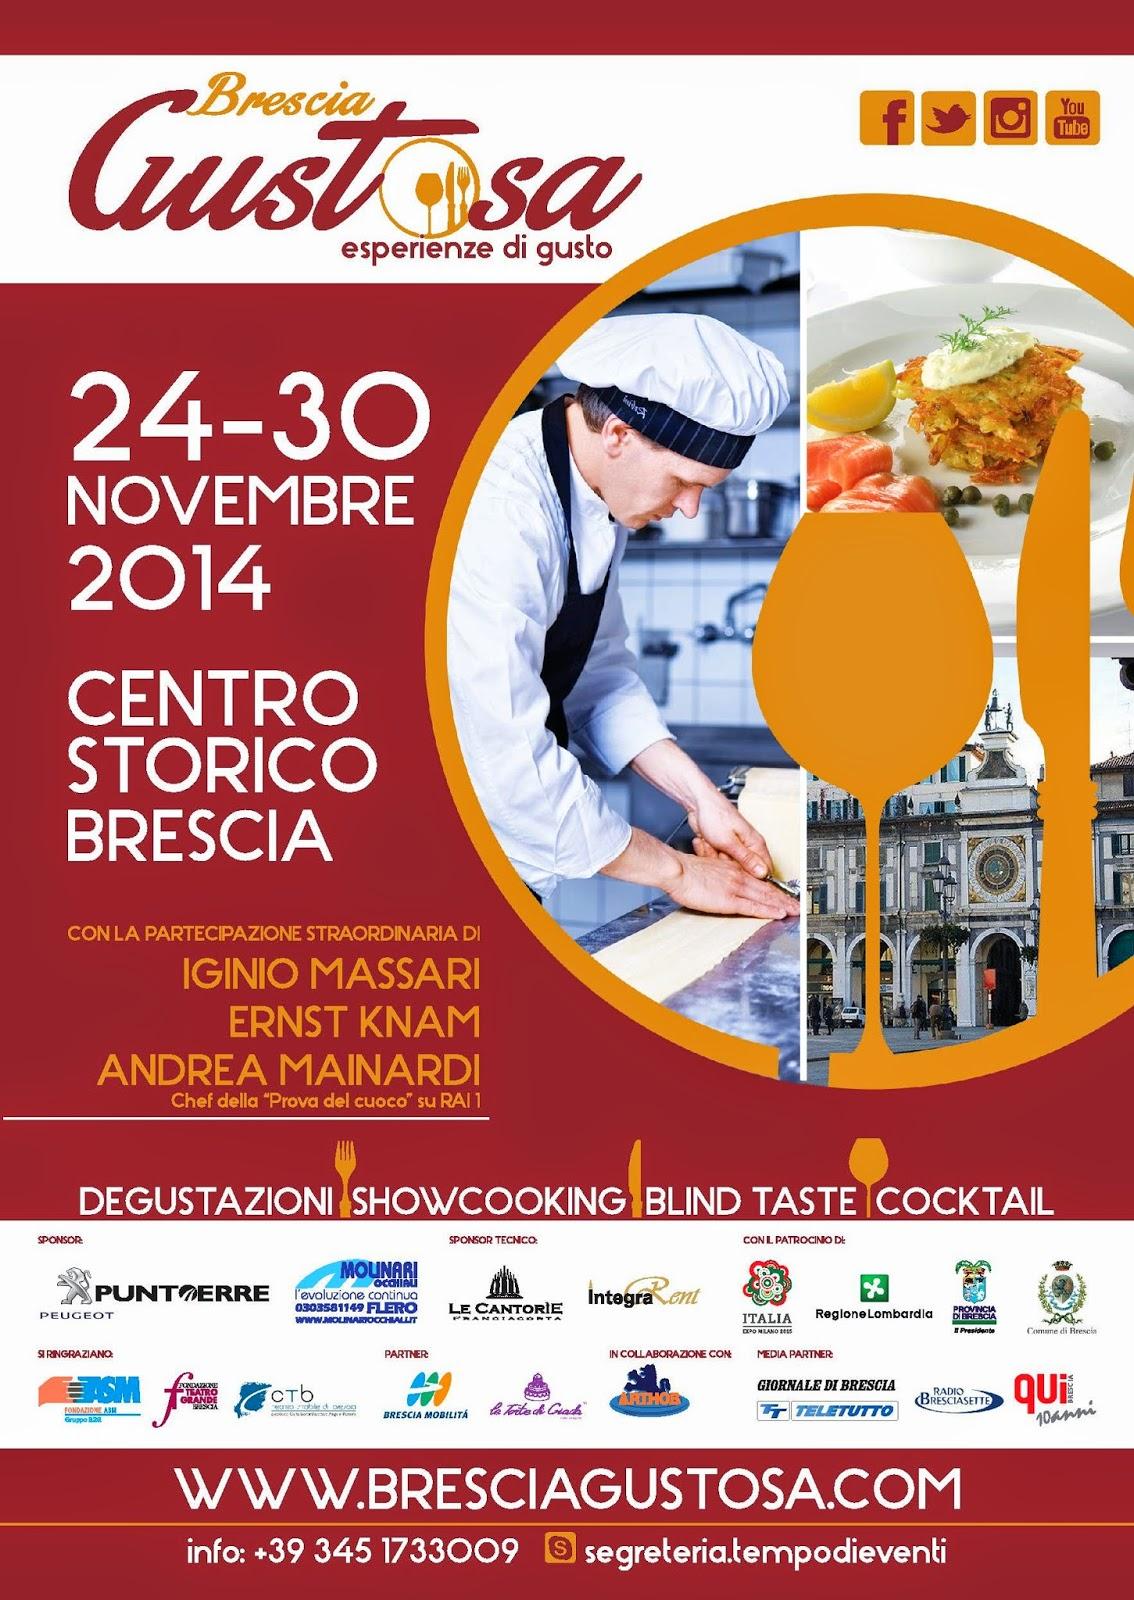 Brescia Gustosa  dal 24 al 30 Novembre Brescia